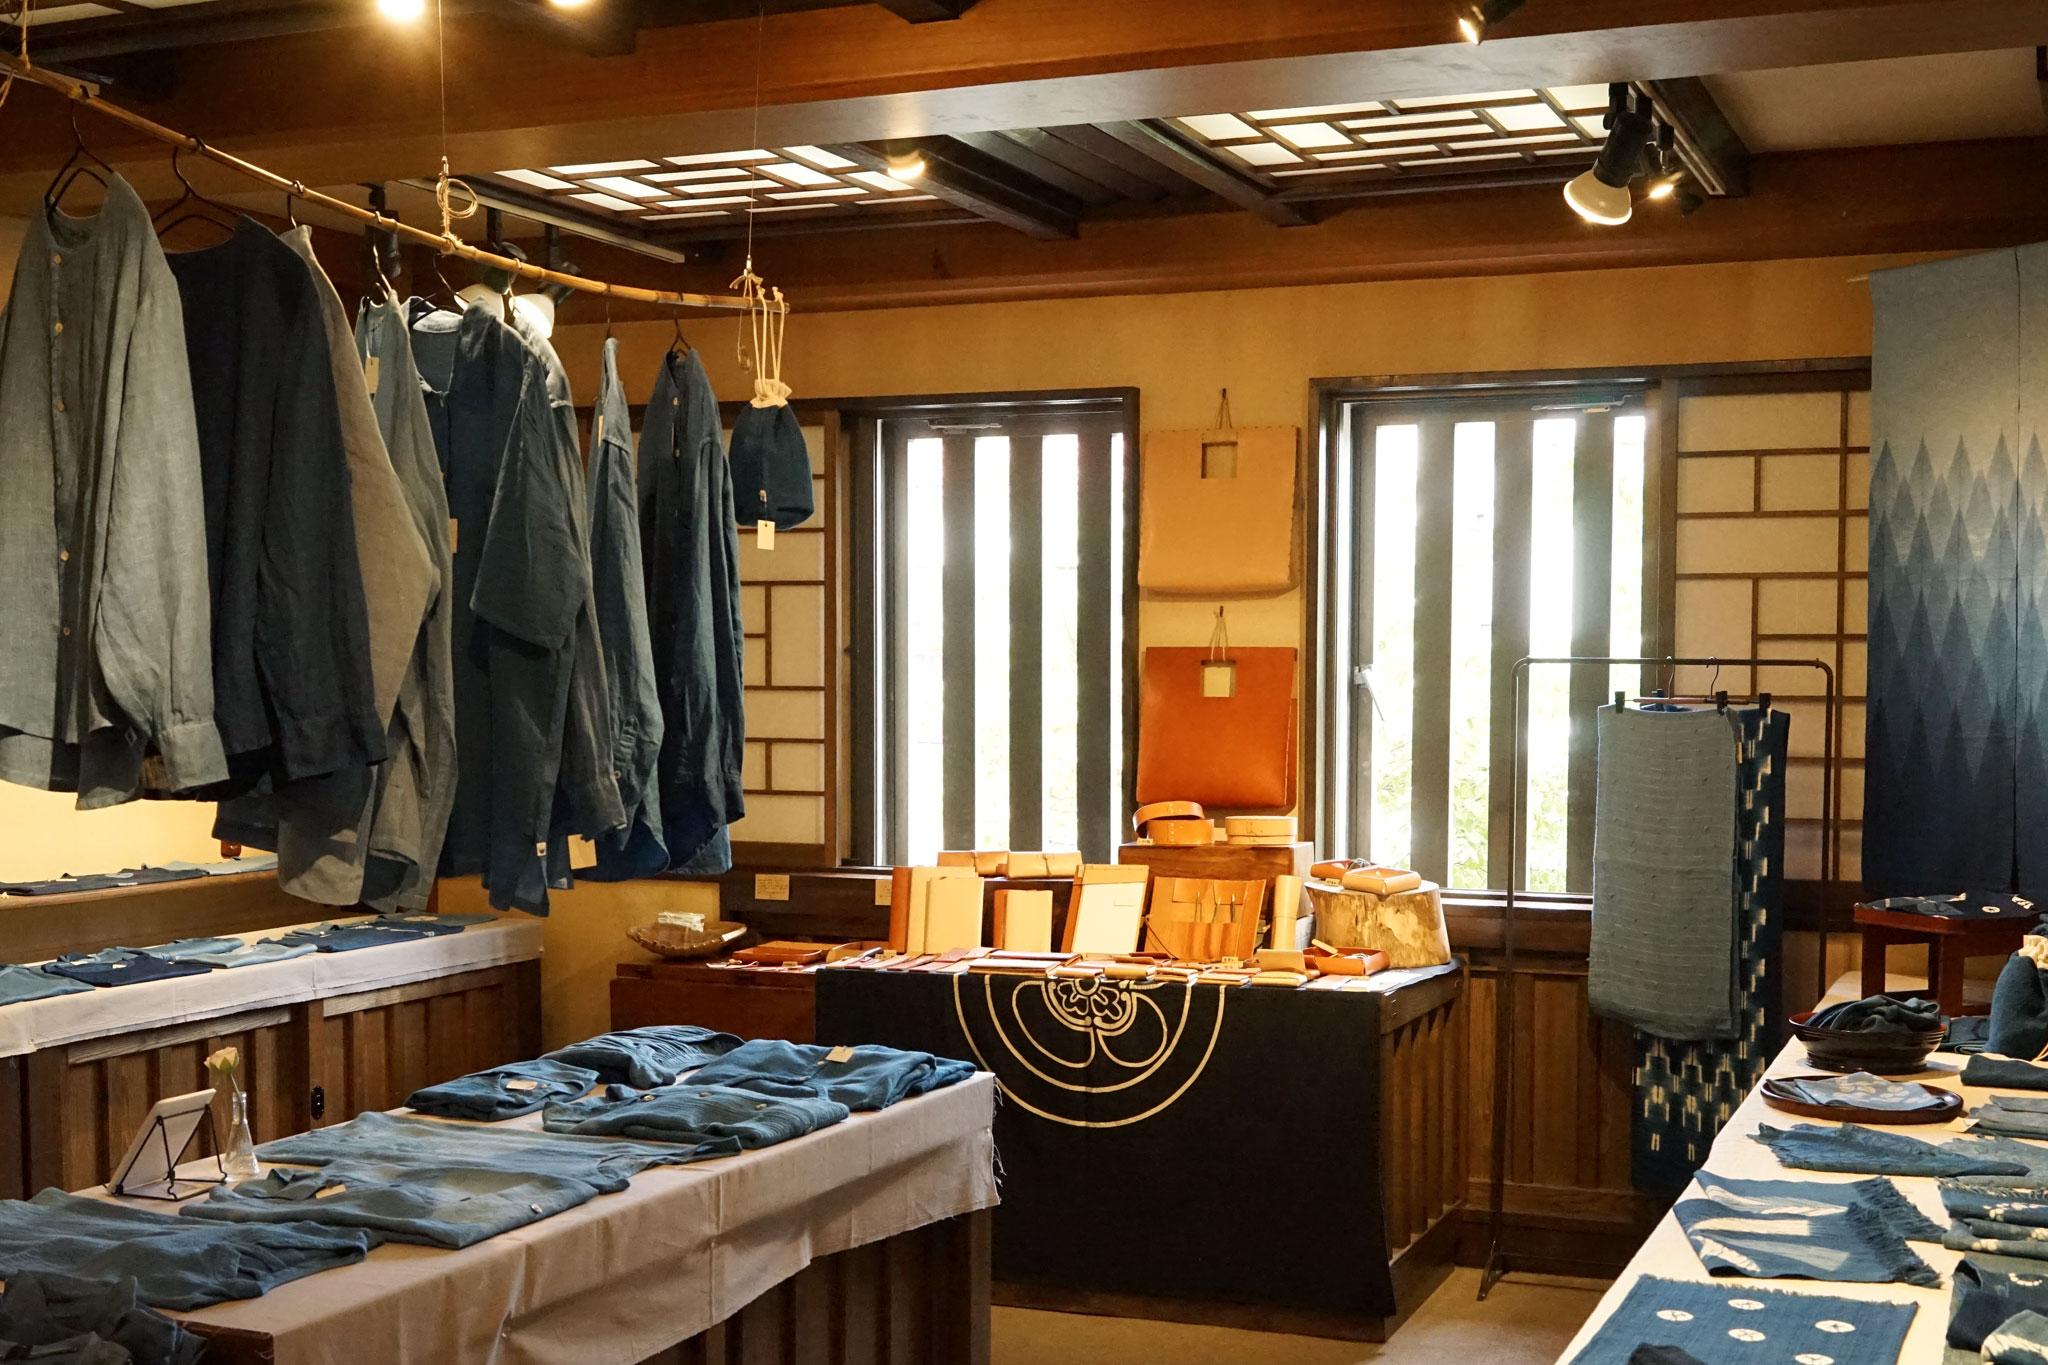 藍あるまいにち - 藍染工房ちずぶるー at たくみ工芸店 始まりました